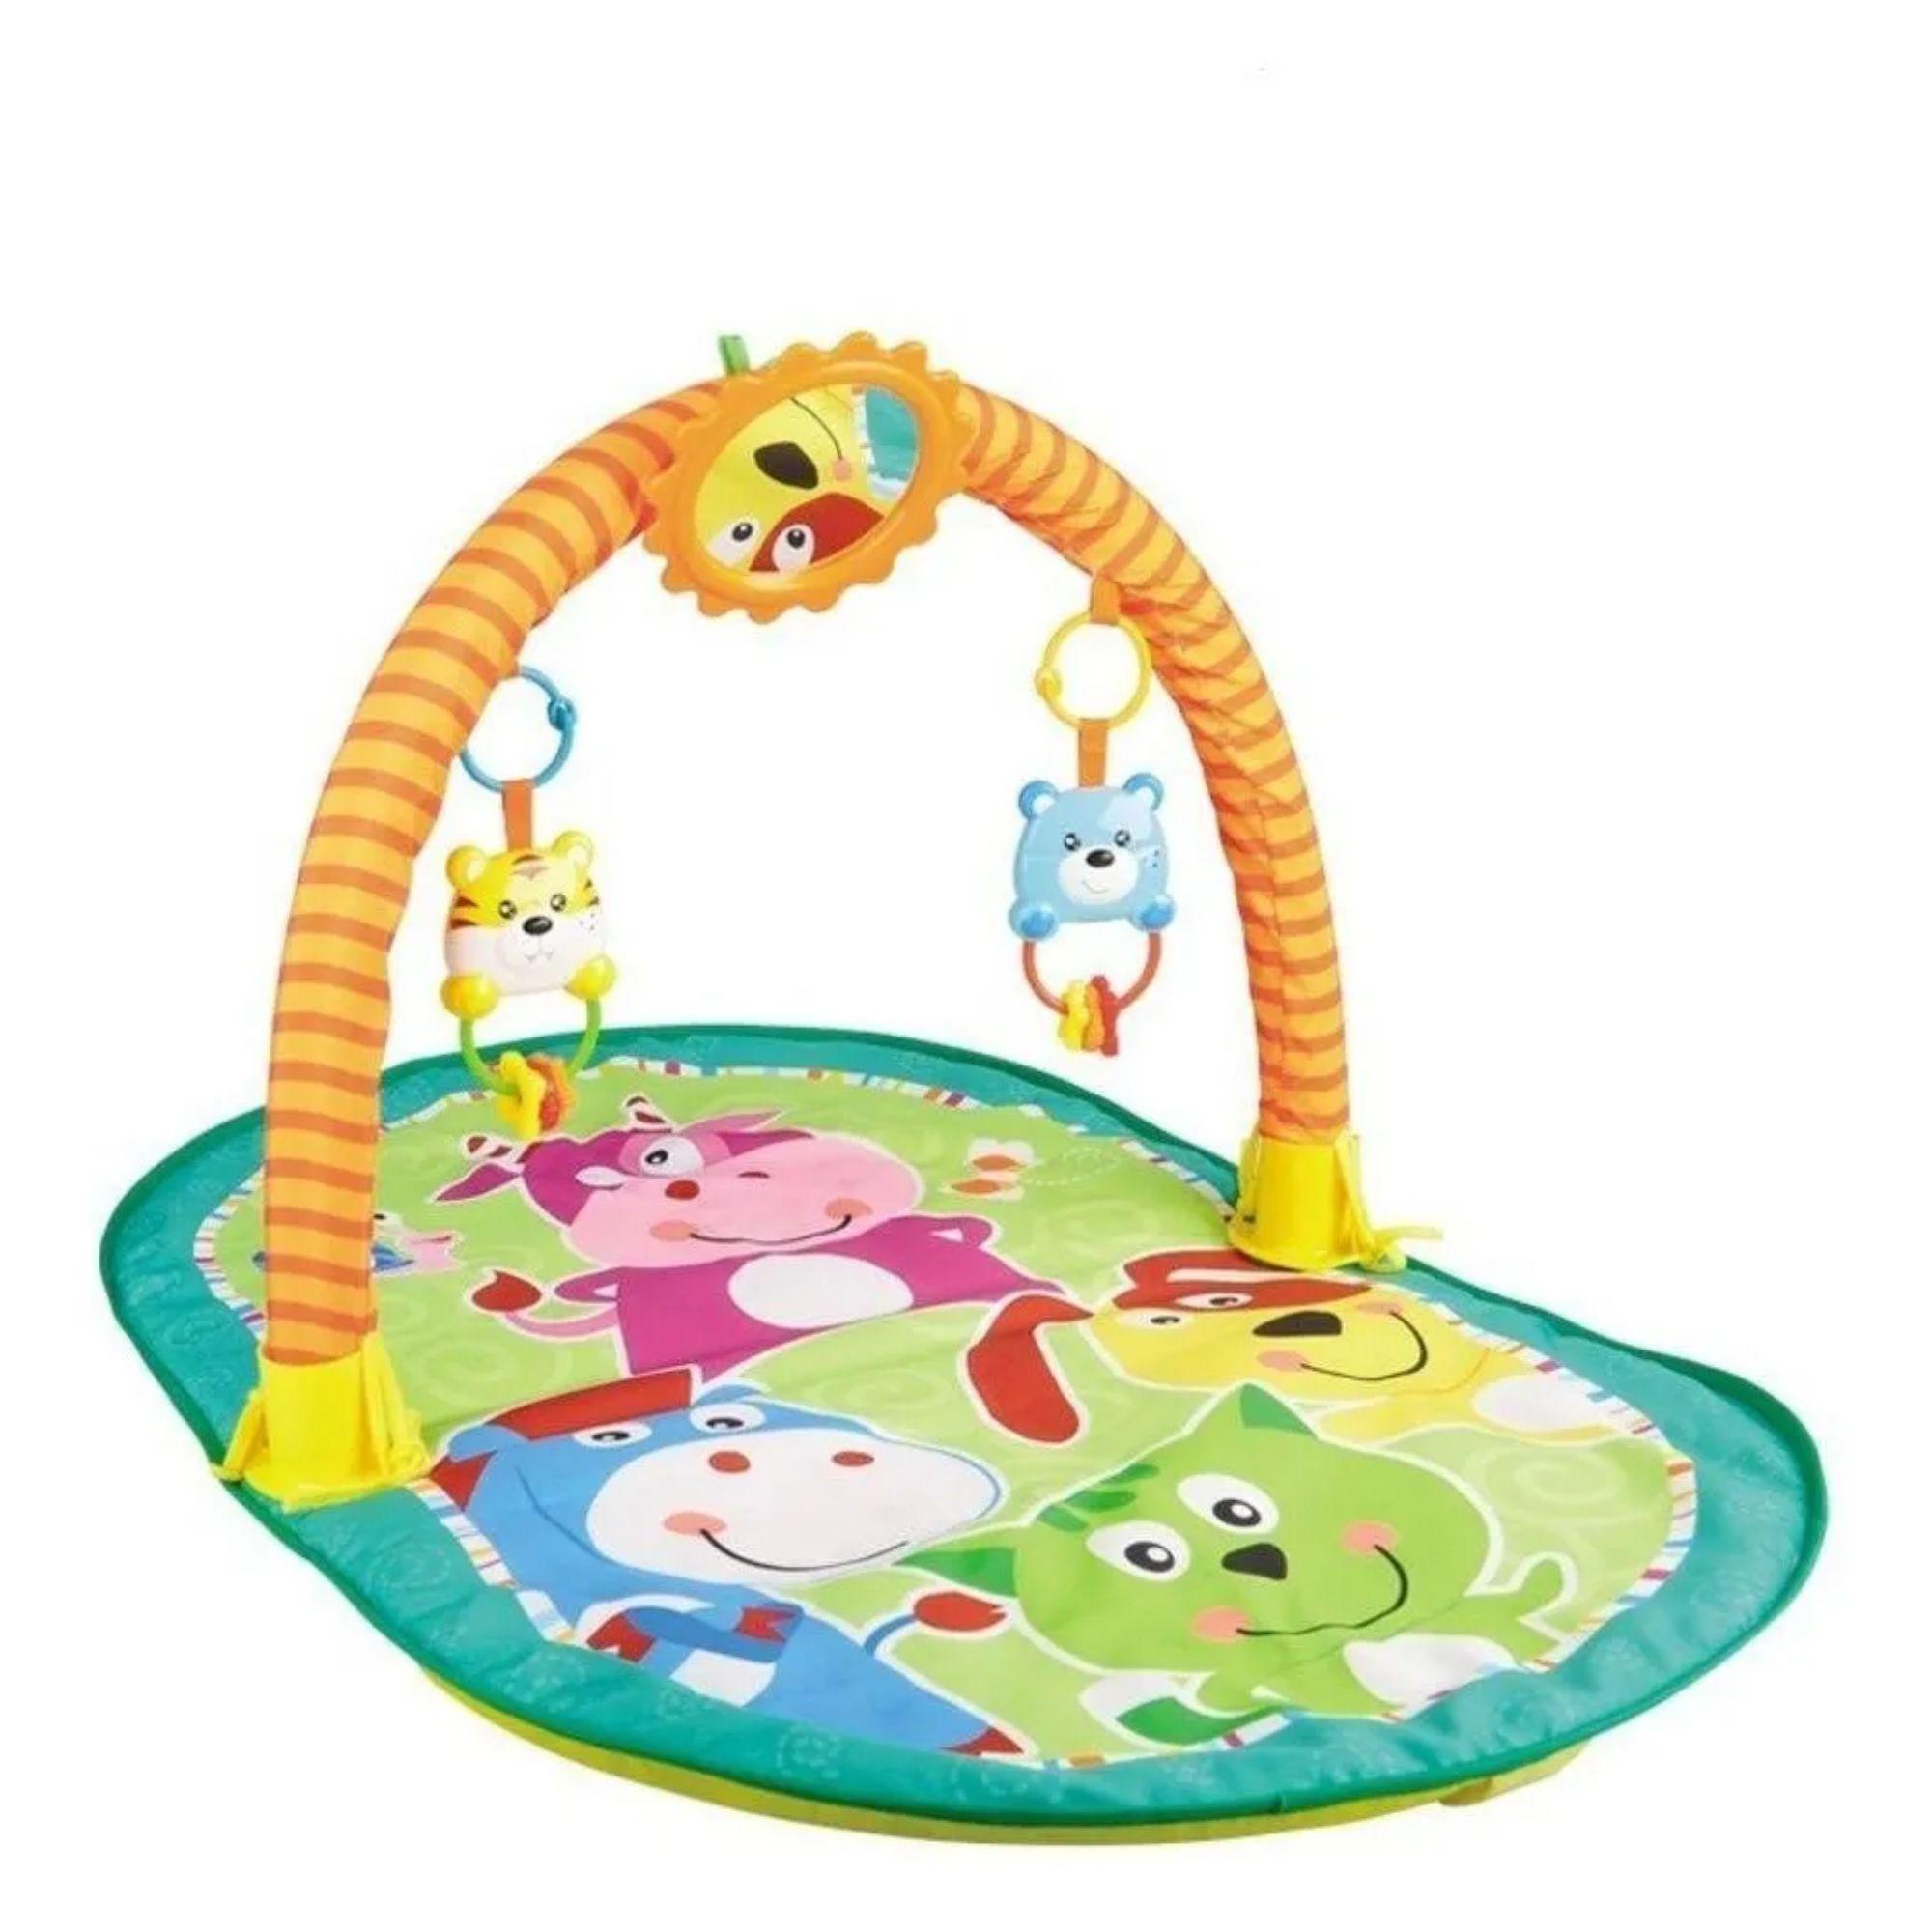 Tapete de ginástica para bebê interativo e colorido  - Game Land Brinquedos